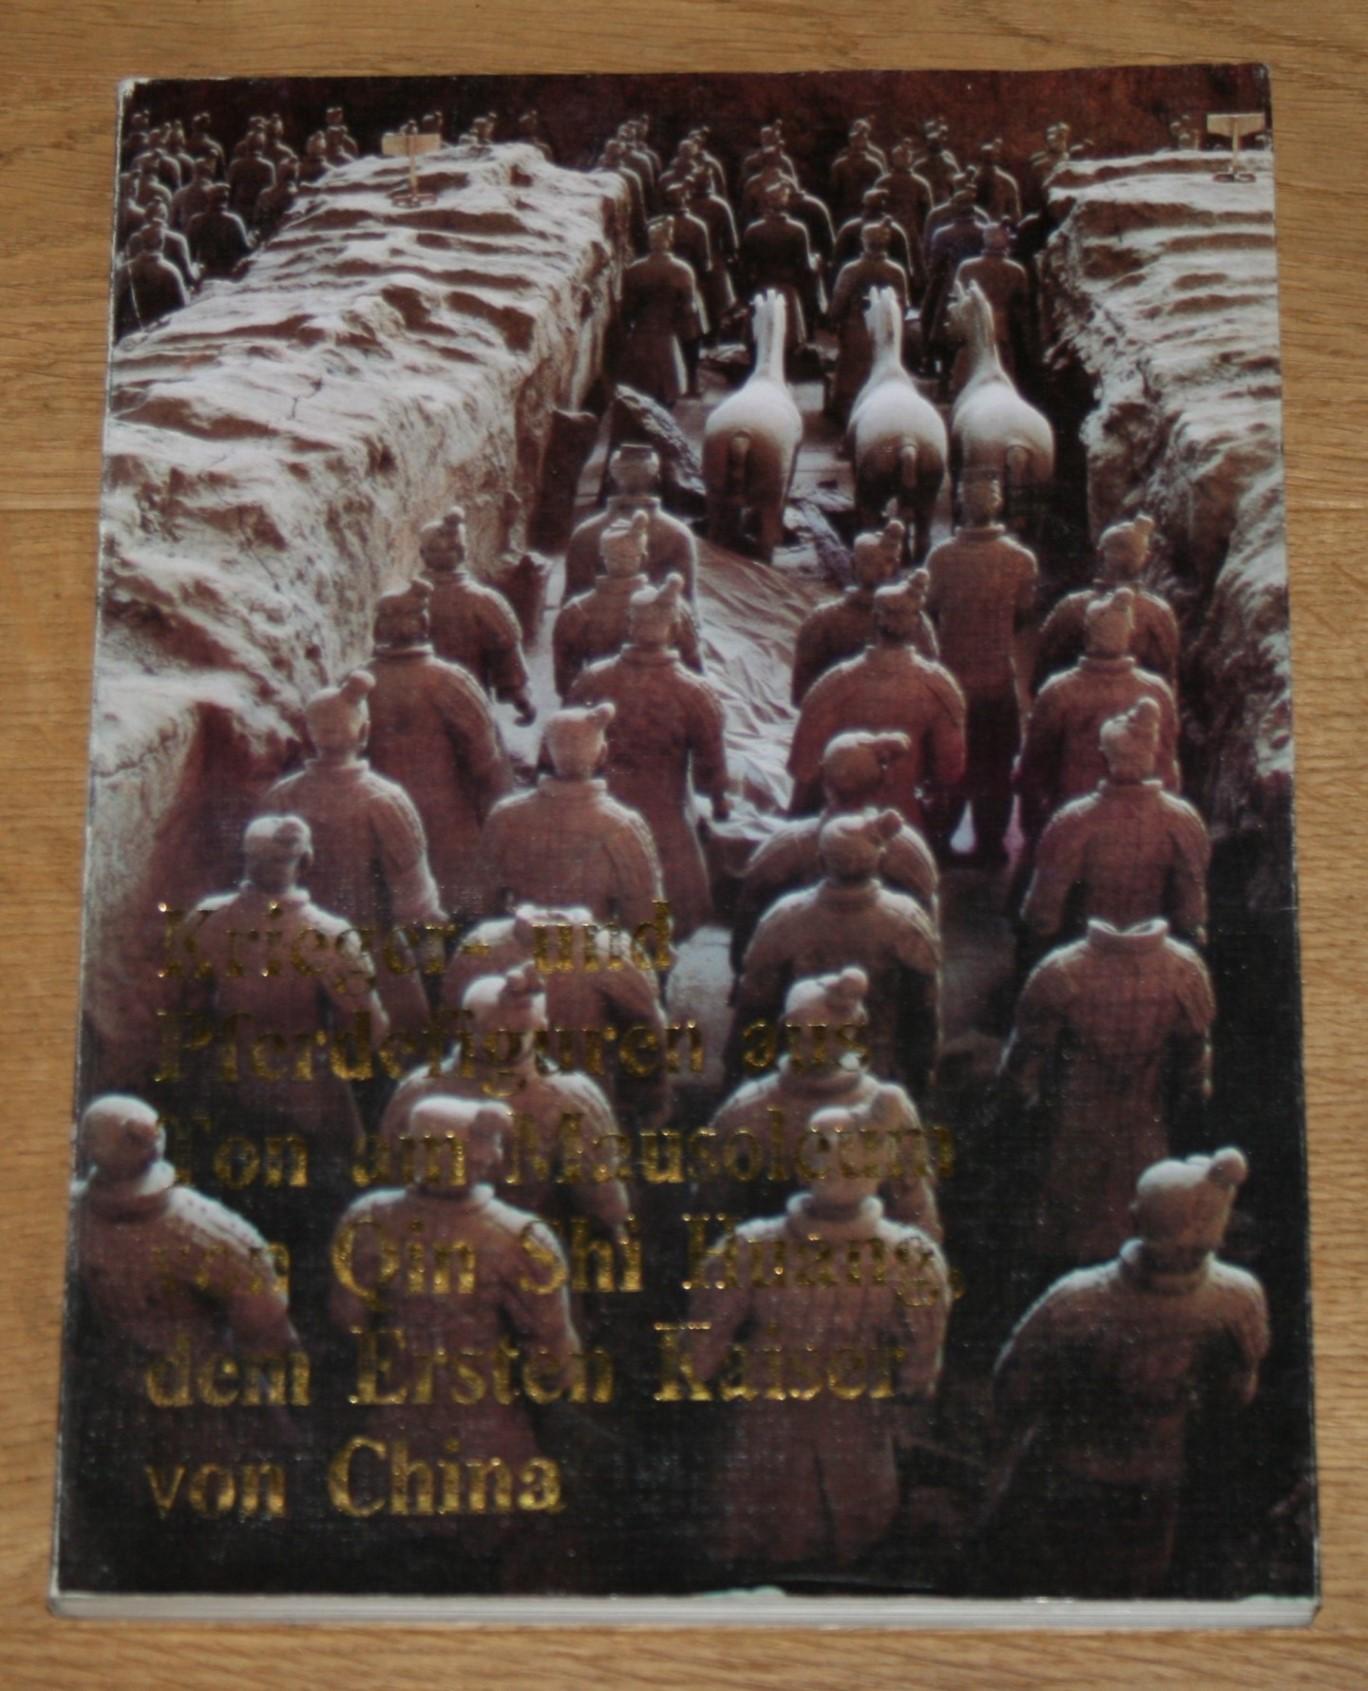 KRIEGER- UND PFERDEFIGUREN aus Ton am Mausoleum von Qin Shi Huang, dem Ersten Kaiser von China. Verfaßt von der Archäologischen Gruppe für die Ausgrabung von Tonfiguren am Qin Shi Huang-Mausoleum und dem Museum der Tonfiguren von Kriegern und Pferden aus der Qin-Dynastie. Erste Auflage,